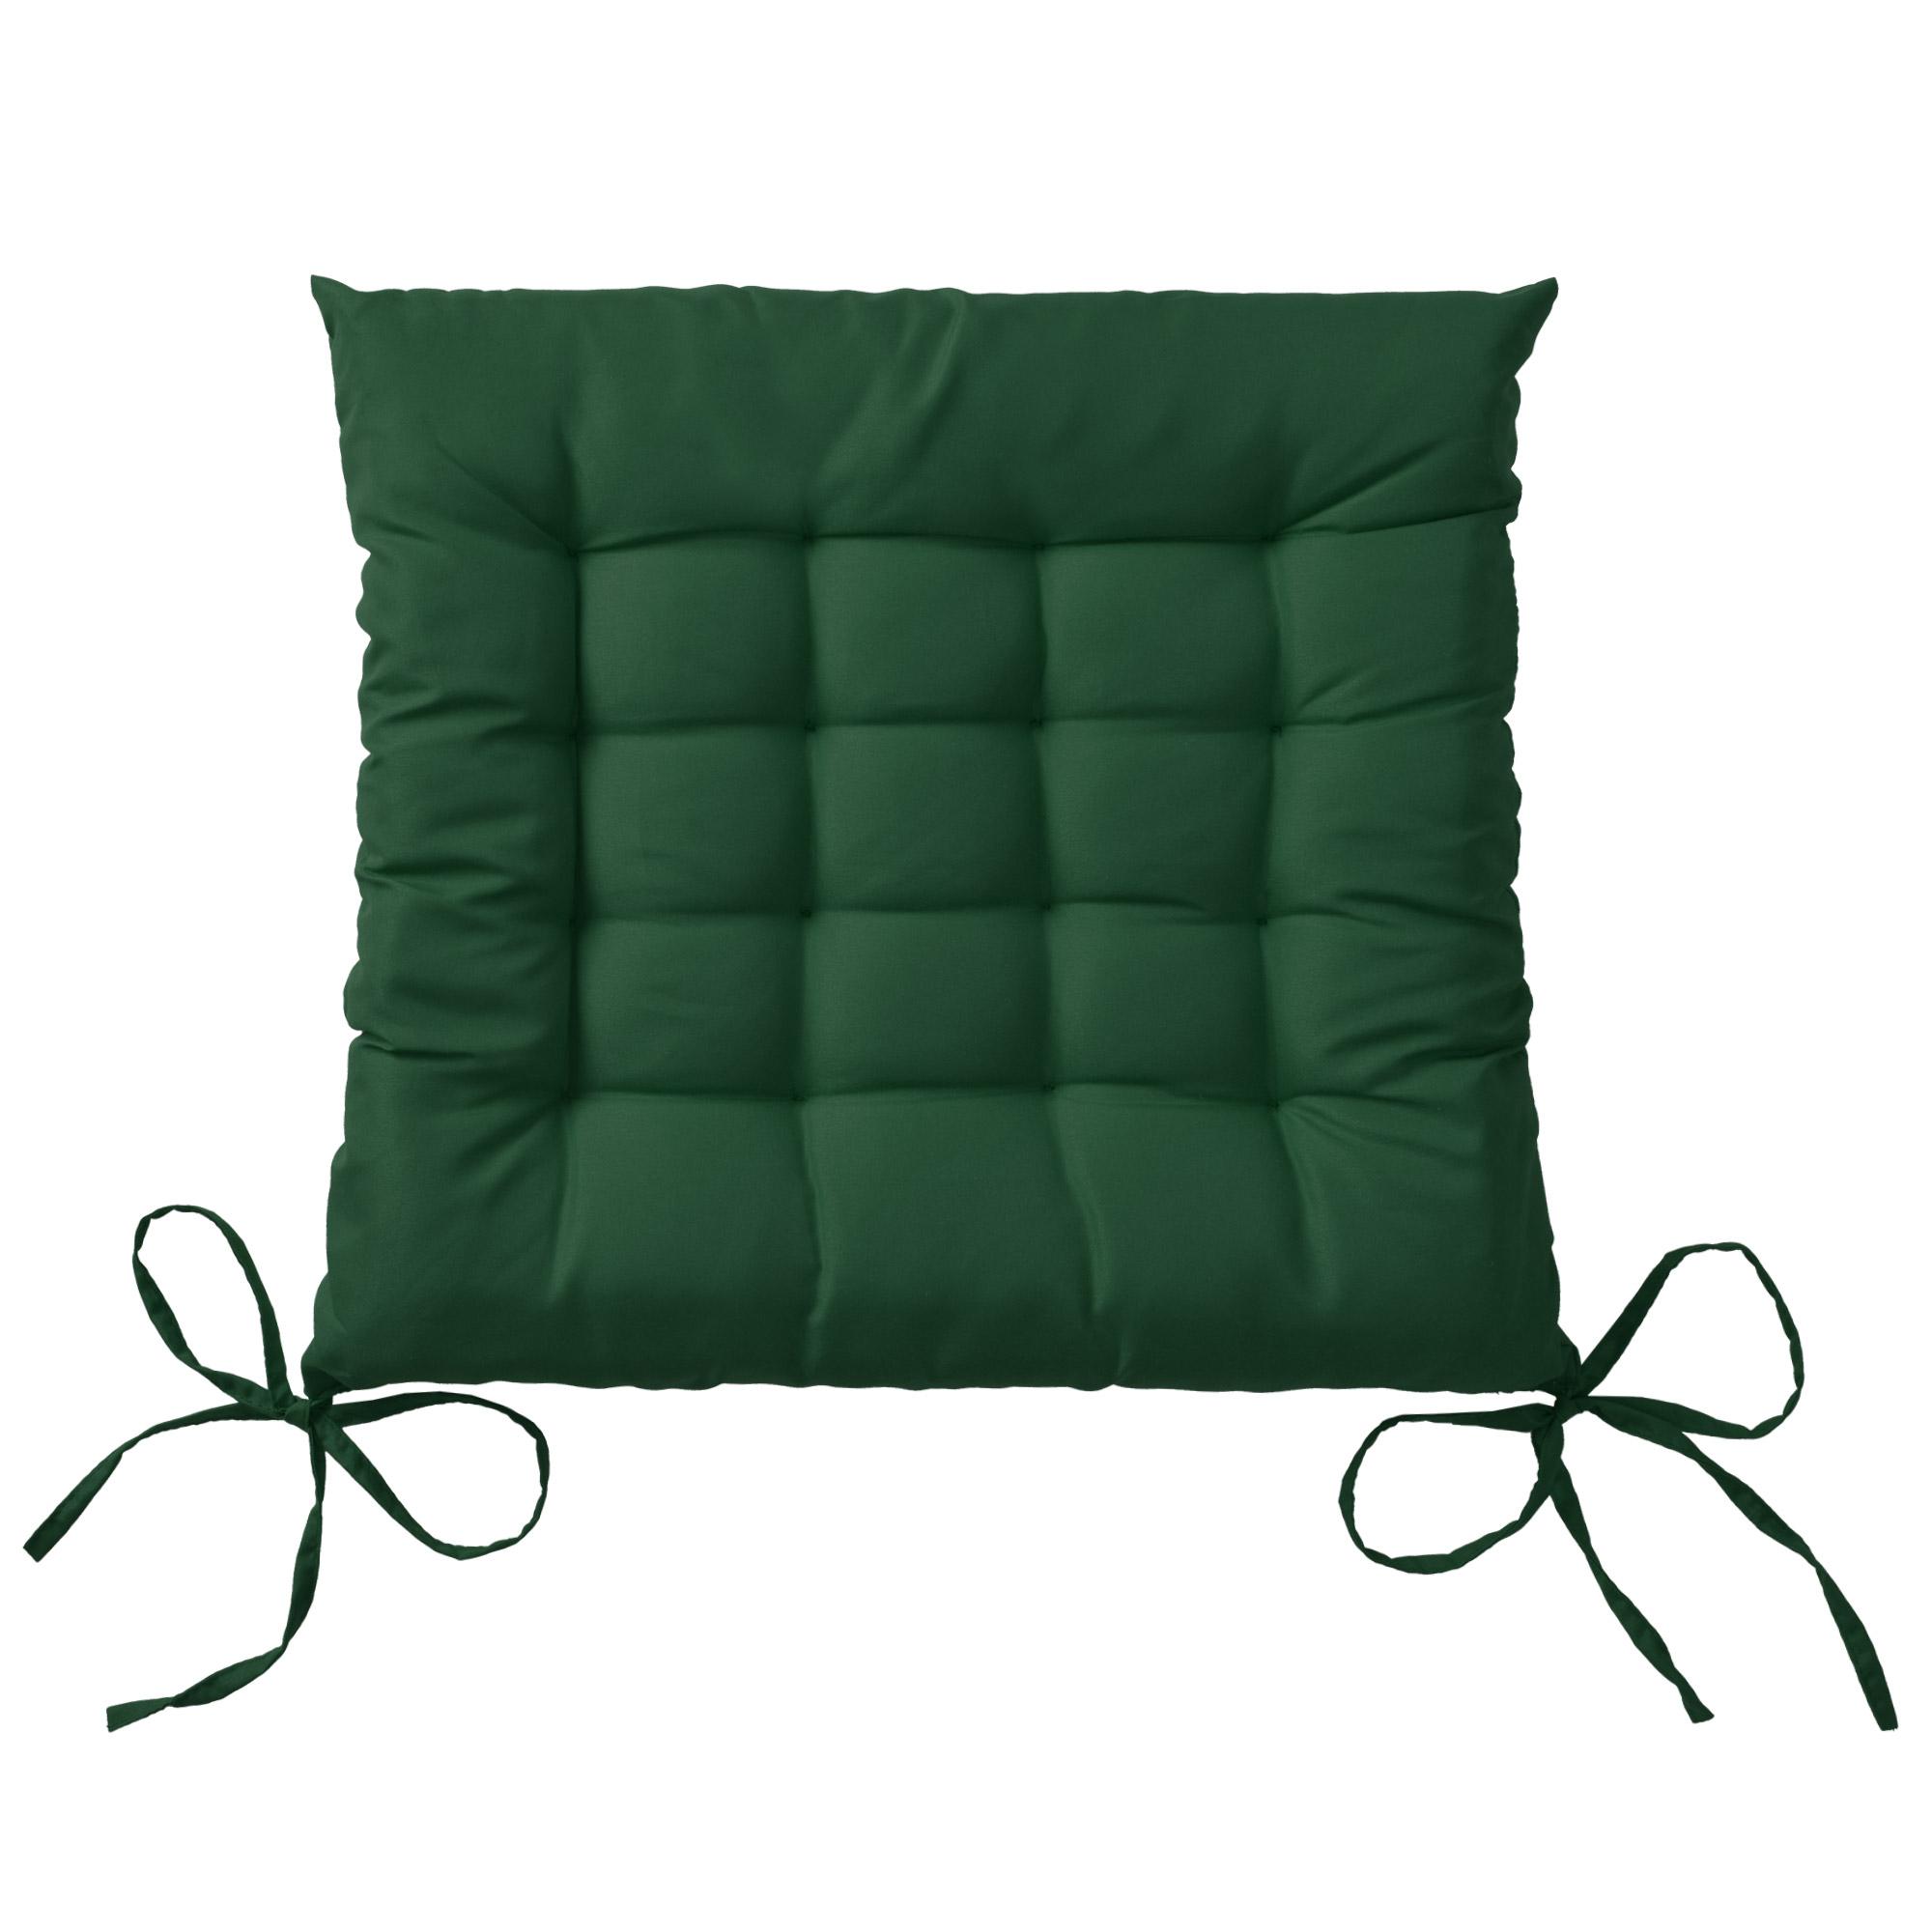 Sitzkissen-Stuhlkissen-40x40cm-Bodenkissen-Auflage-Stuhlauflage-Kissen-Polster